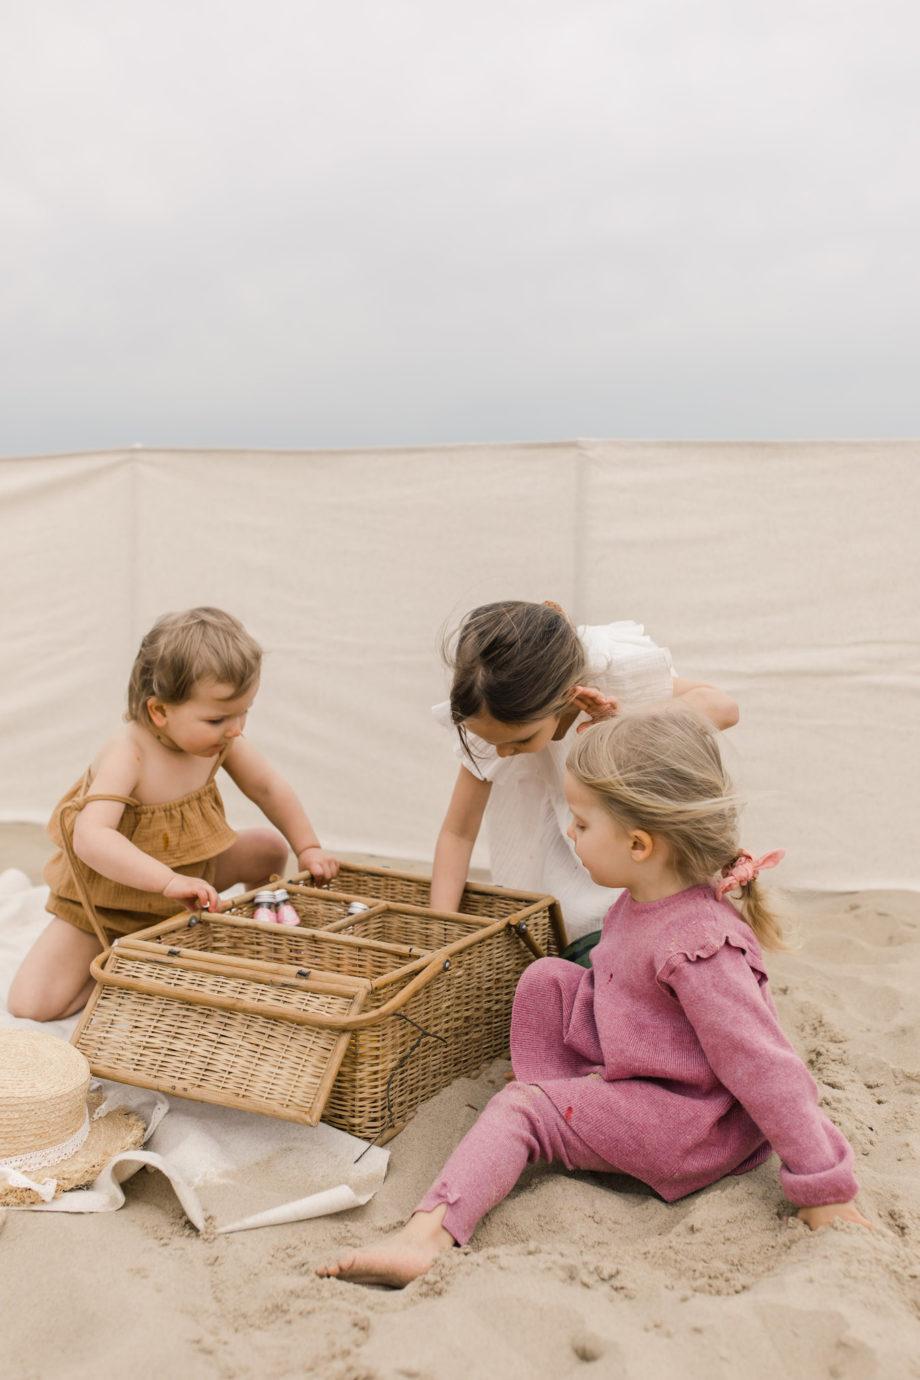 parawan plażowy, parawan lniany, elegancki parawan na plażę